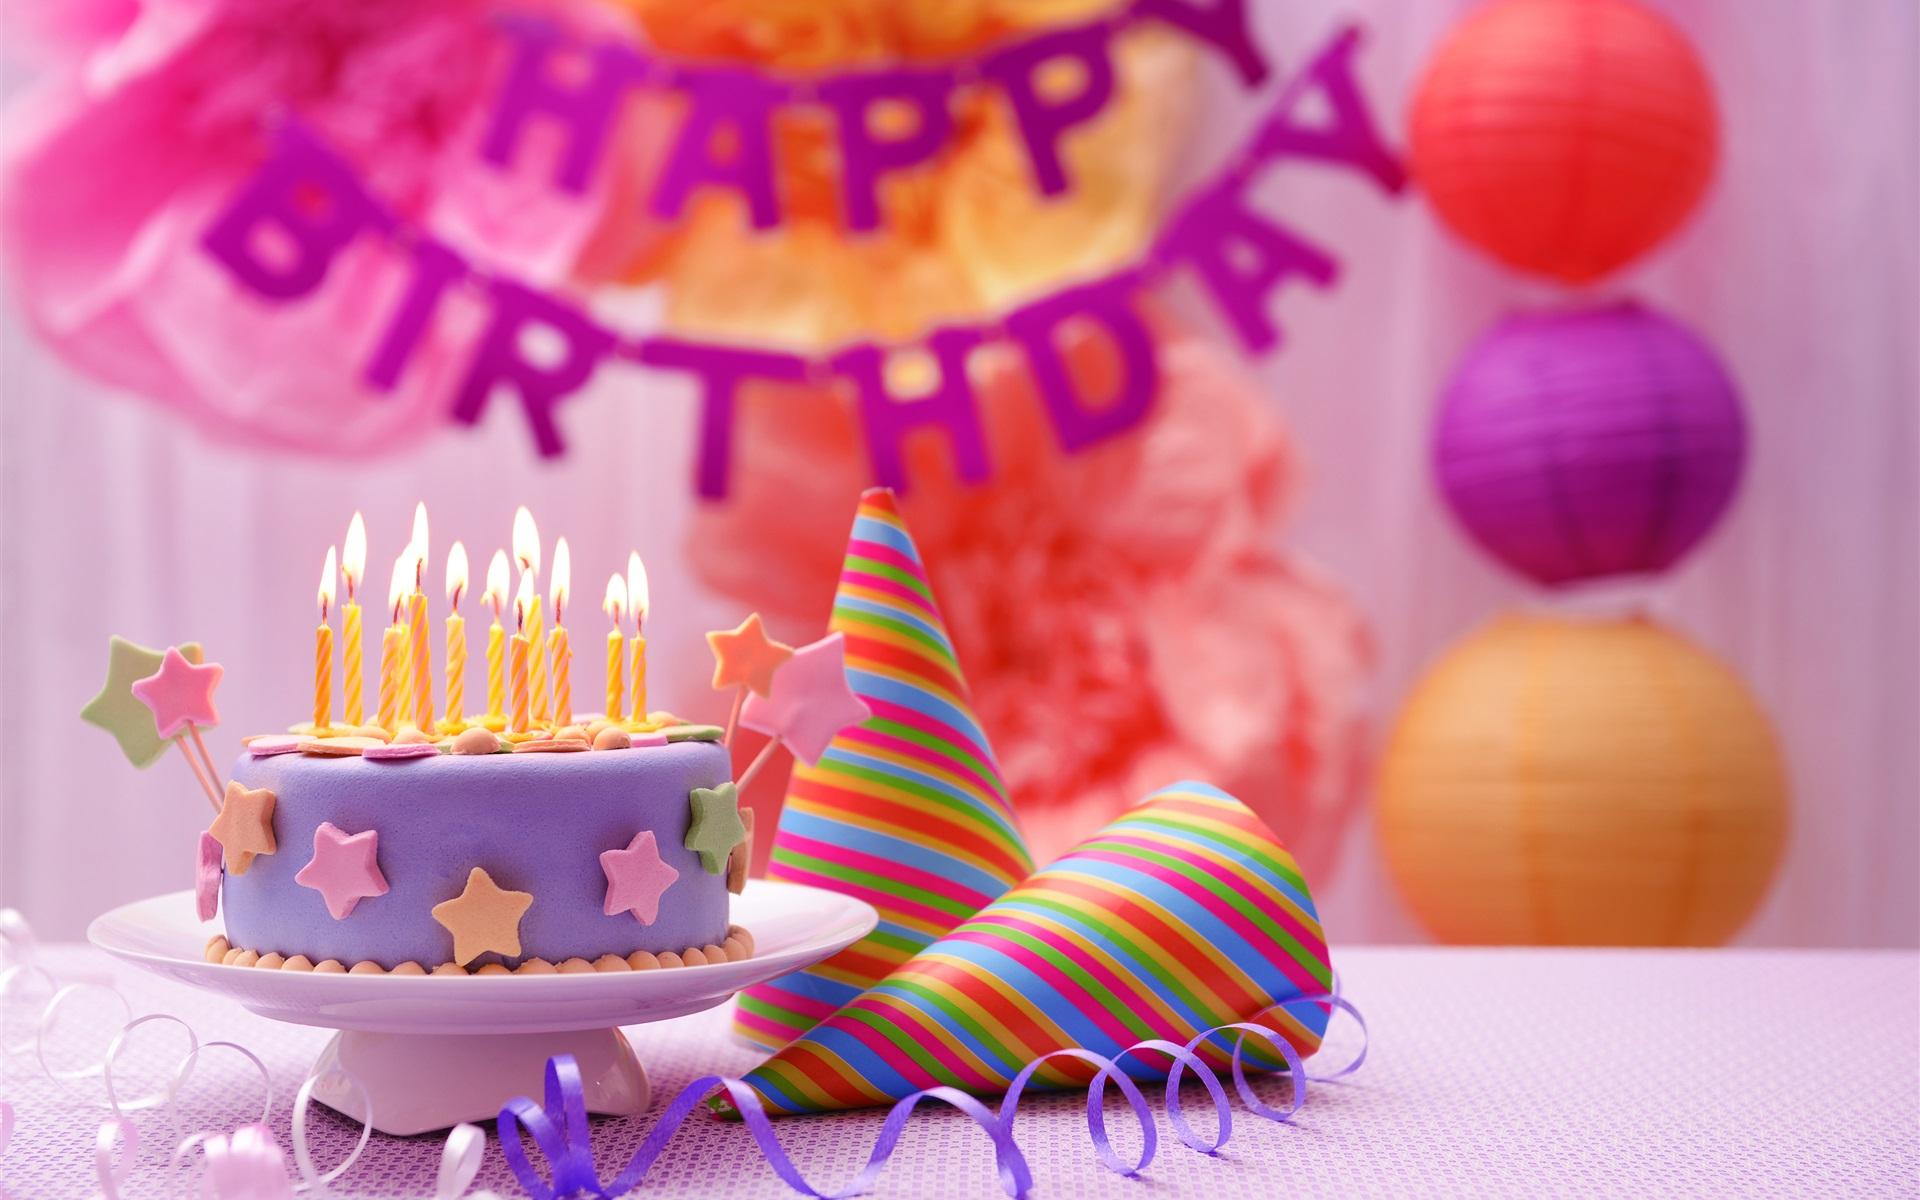 Fondos De Pantalla Feliz Cumpleaños, Pastel, Decoración